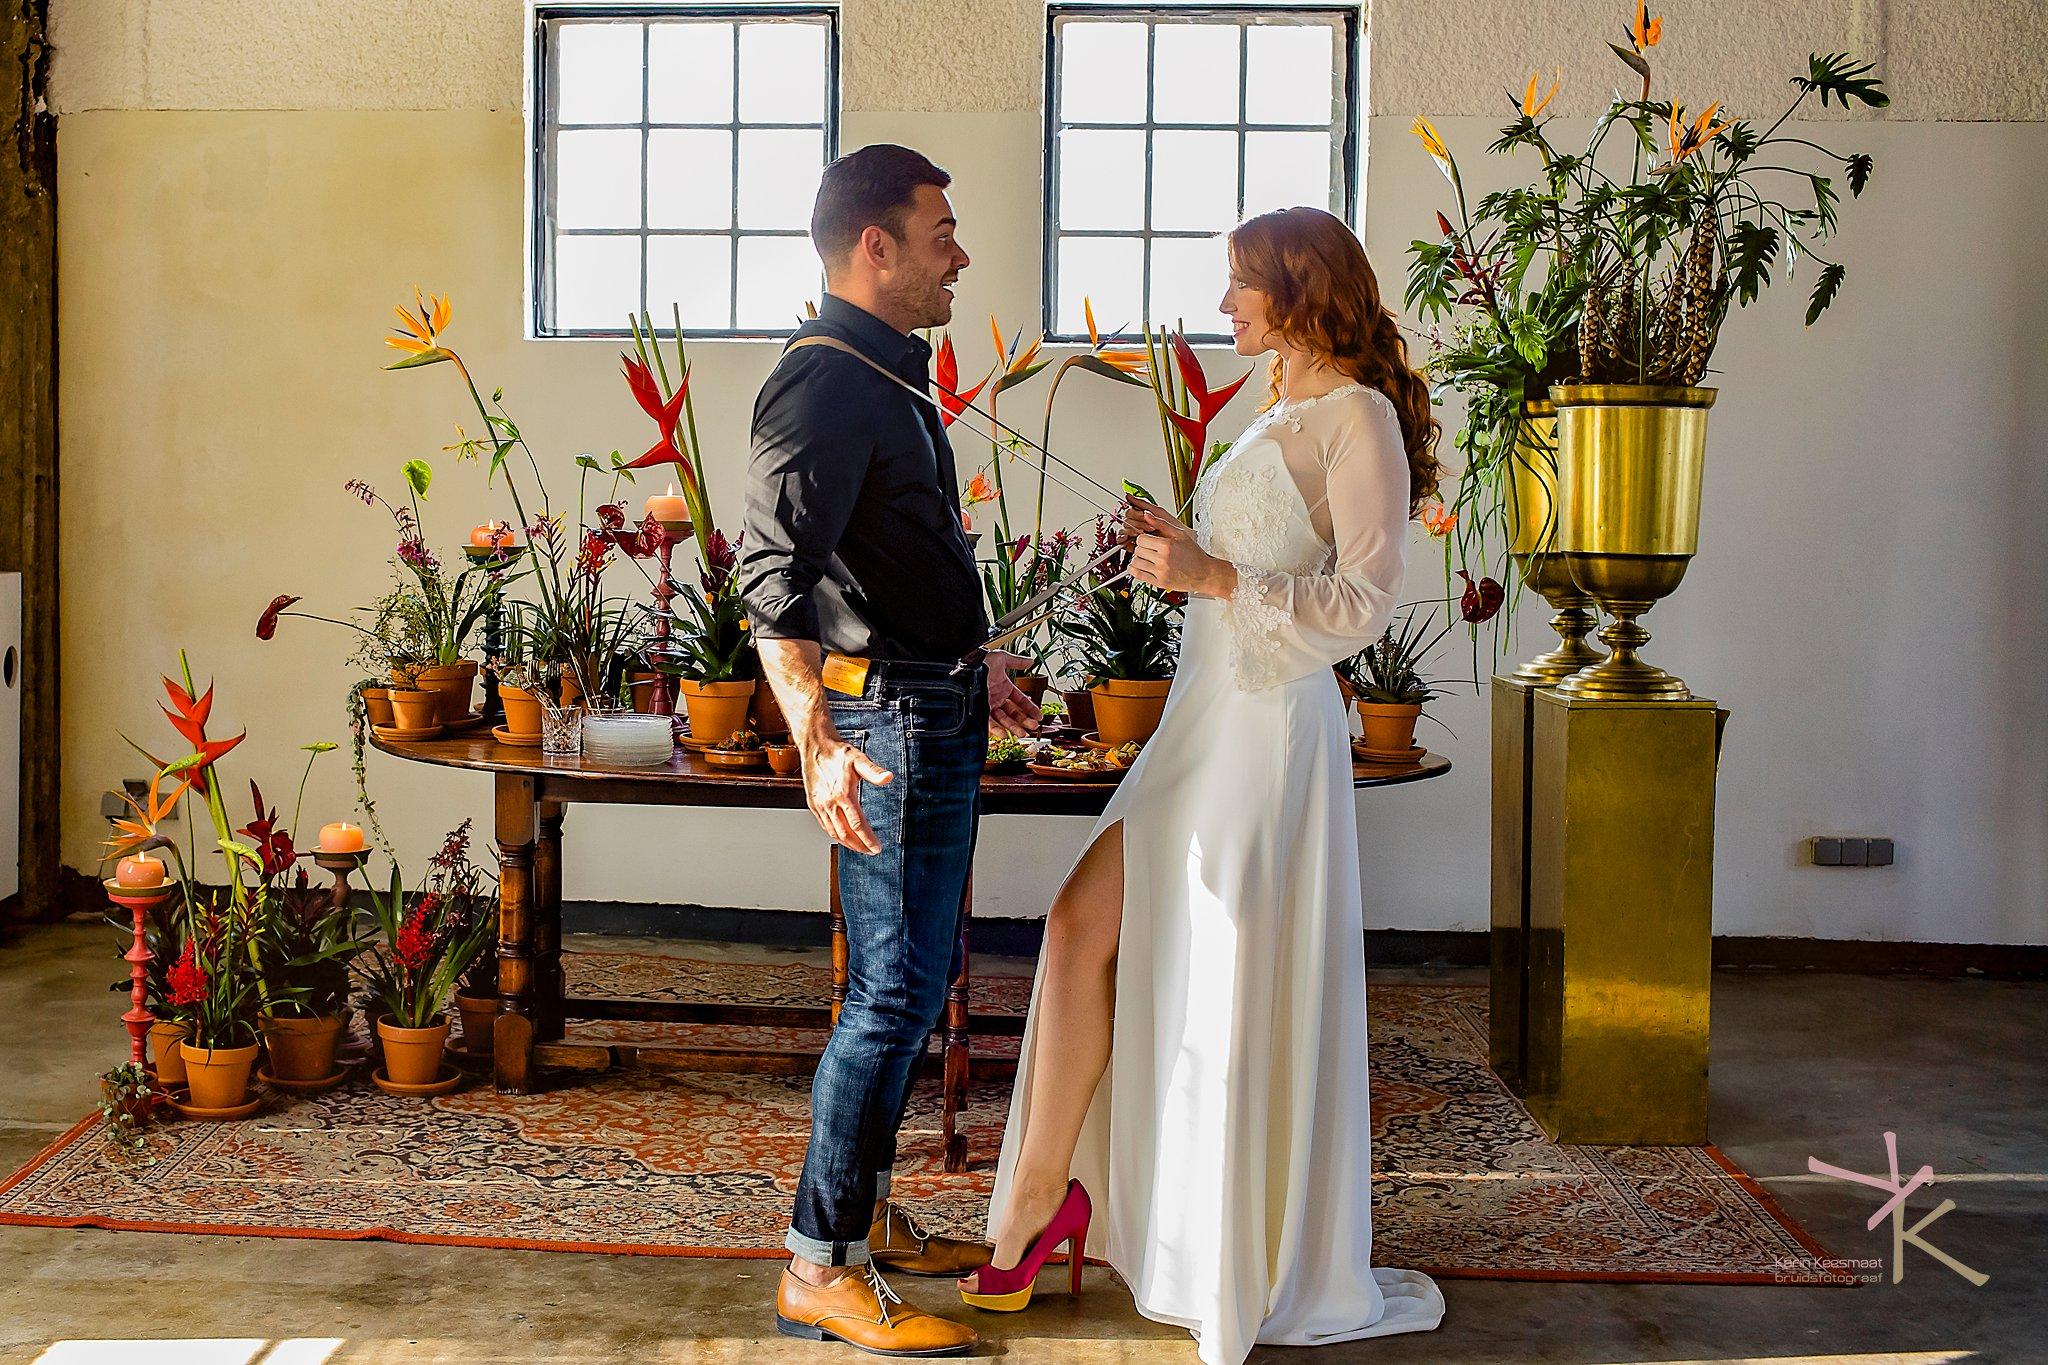 Bruid trekt bruidegom aan bretels foto gemaakt door Karian Keesmaat van Kijk-Kunstfotografie